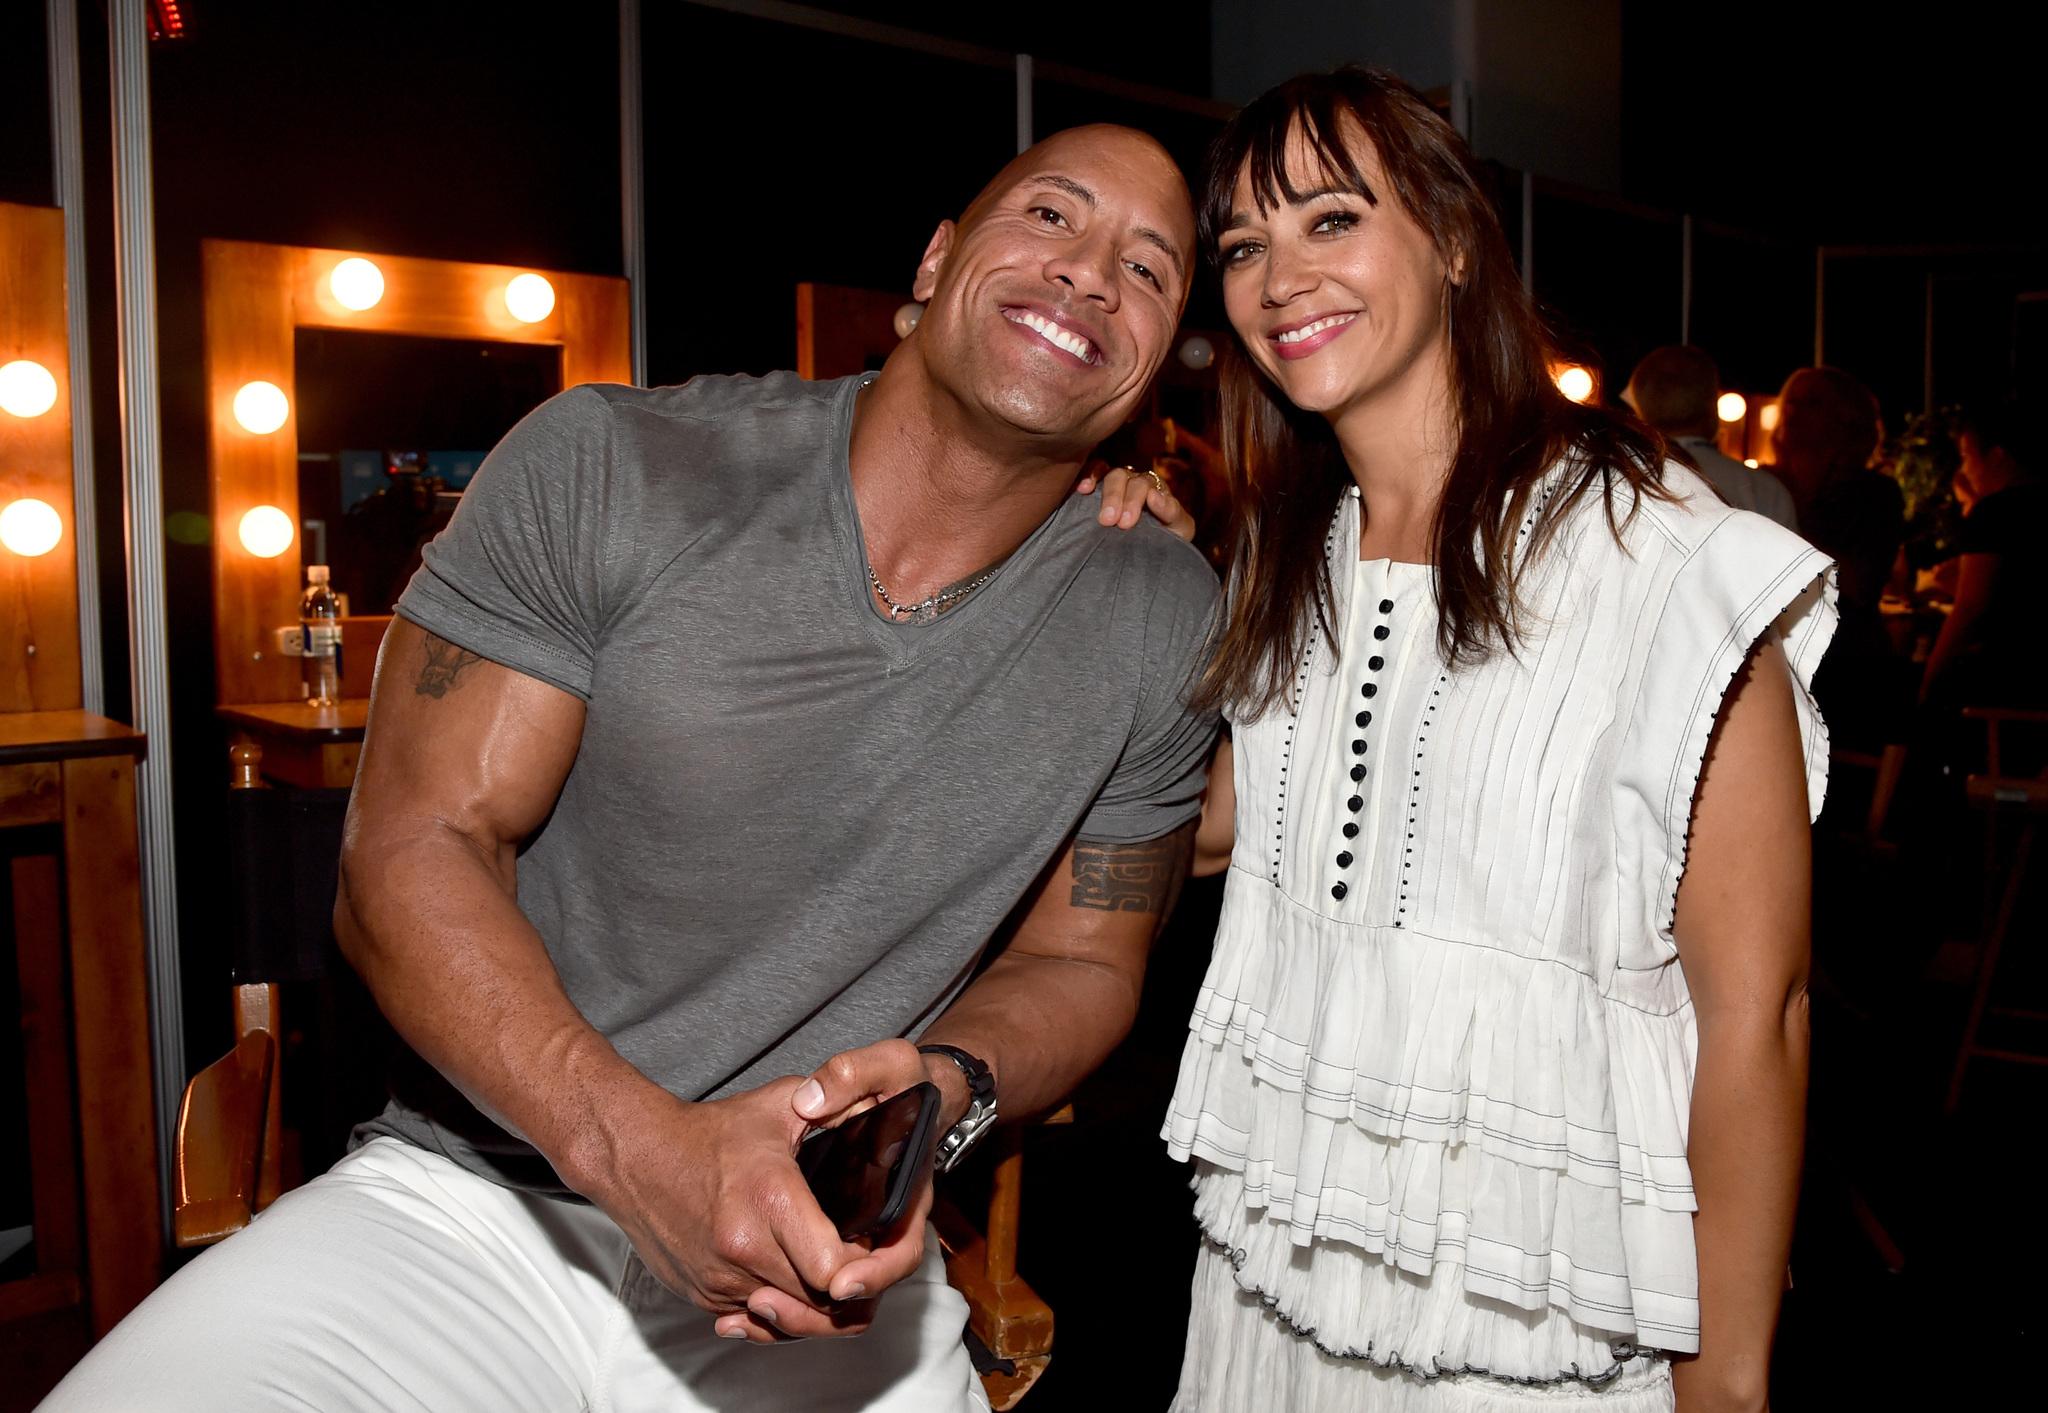 Dwayne Johnson and Rashida Jones